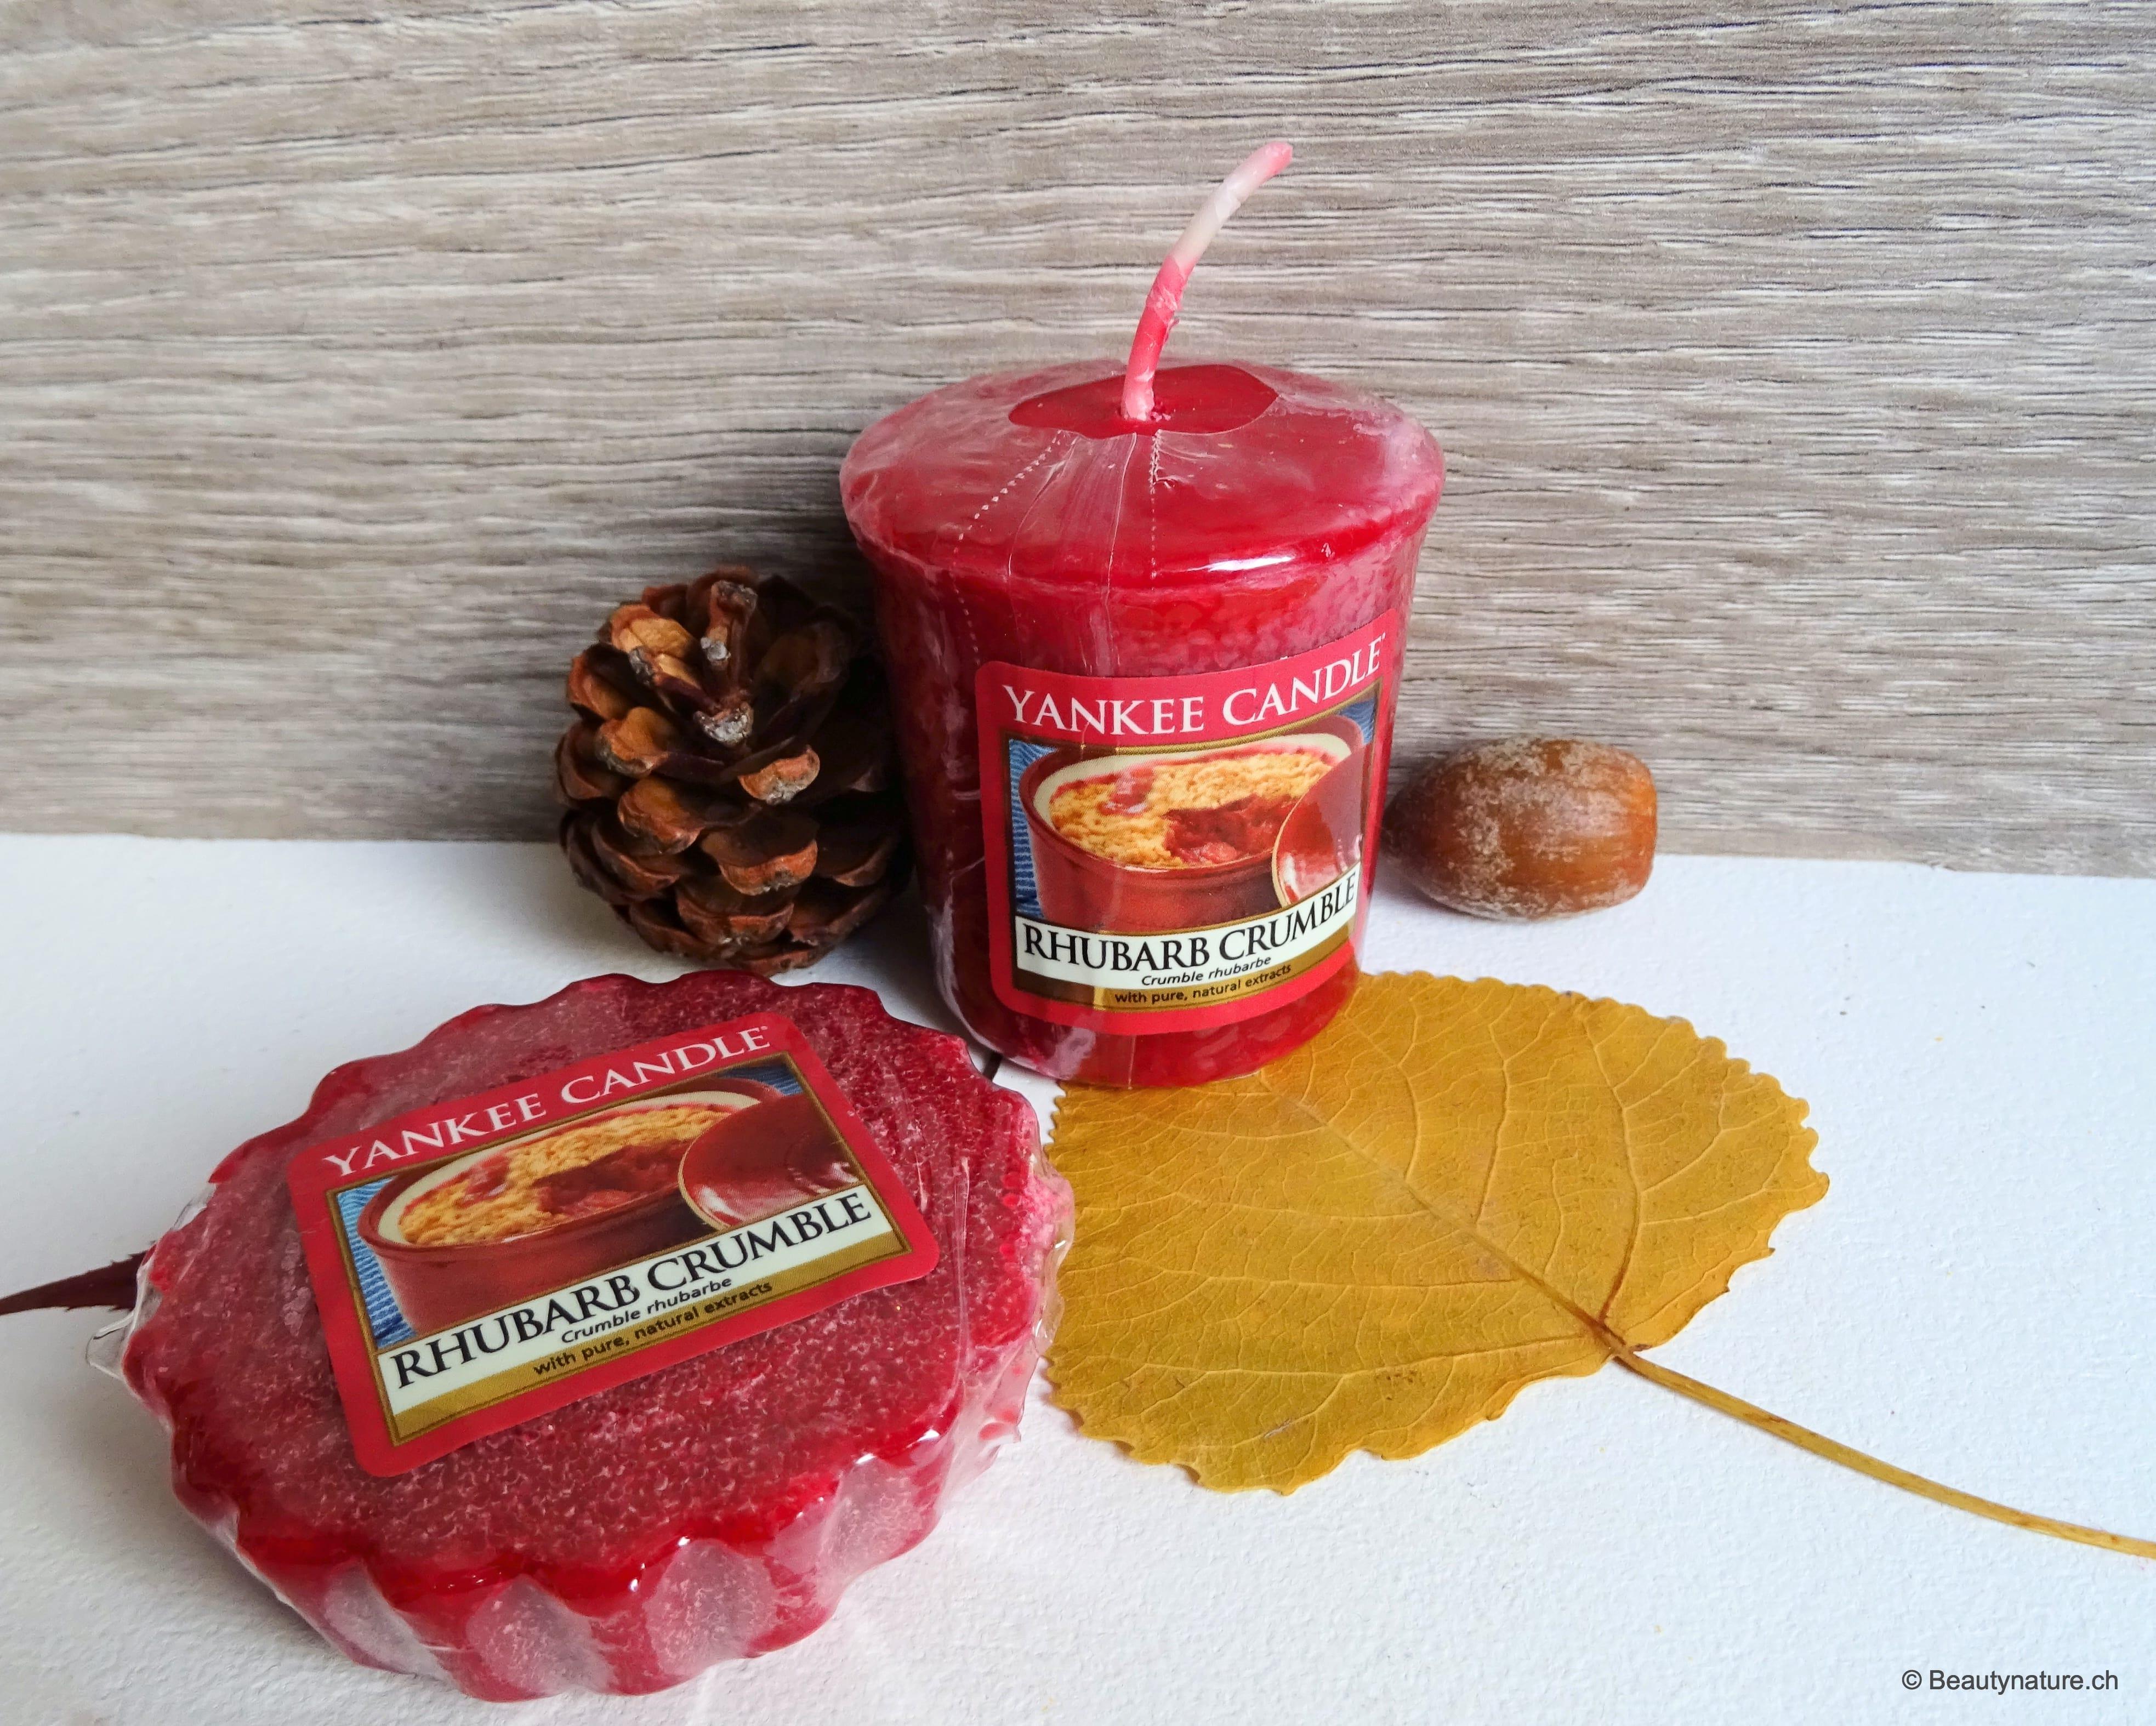 Yankee Candle - Rhubarb Crumble